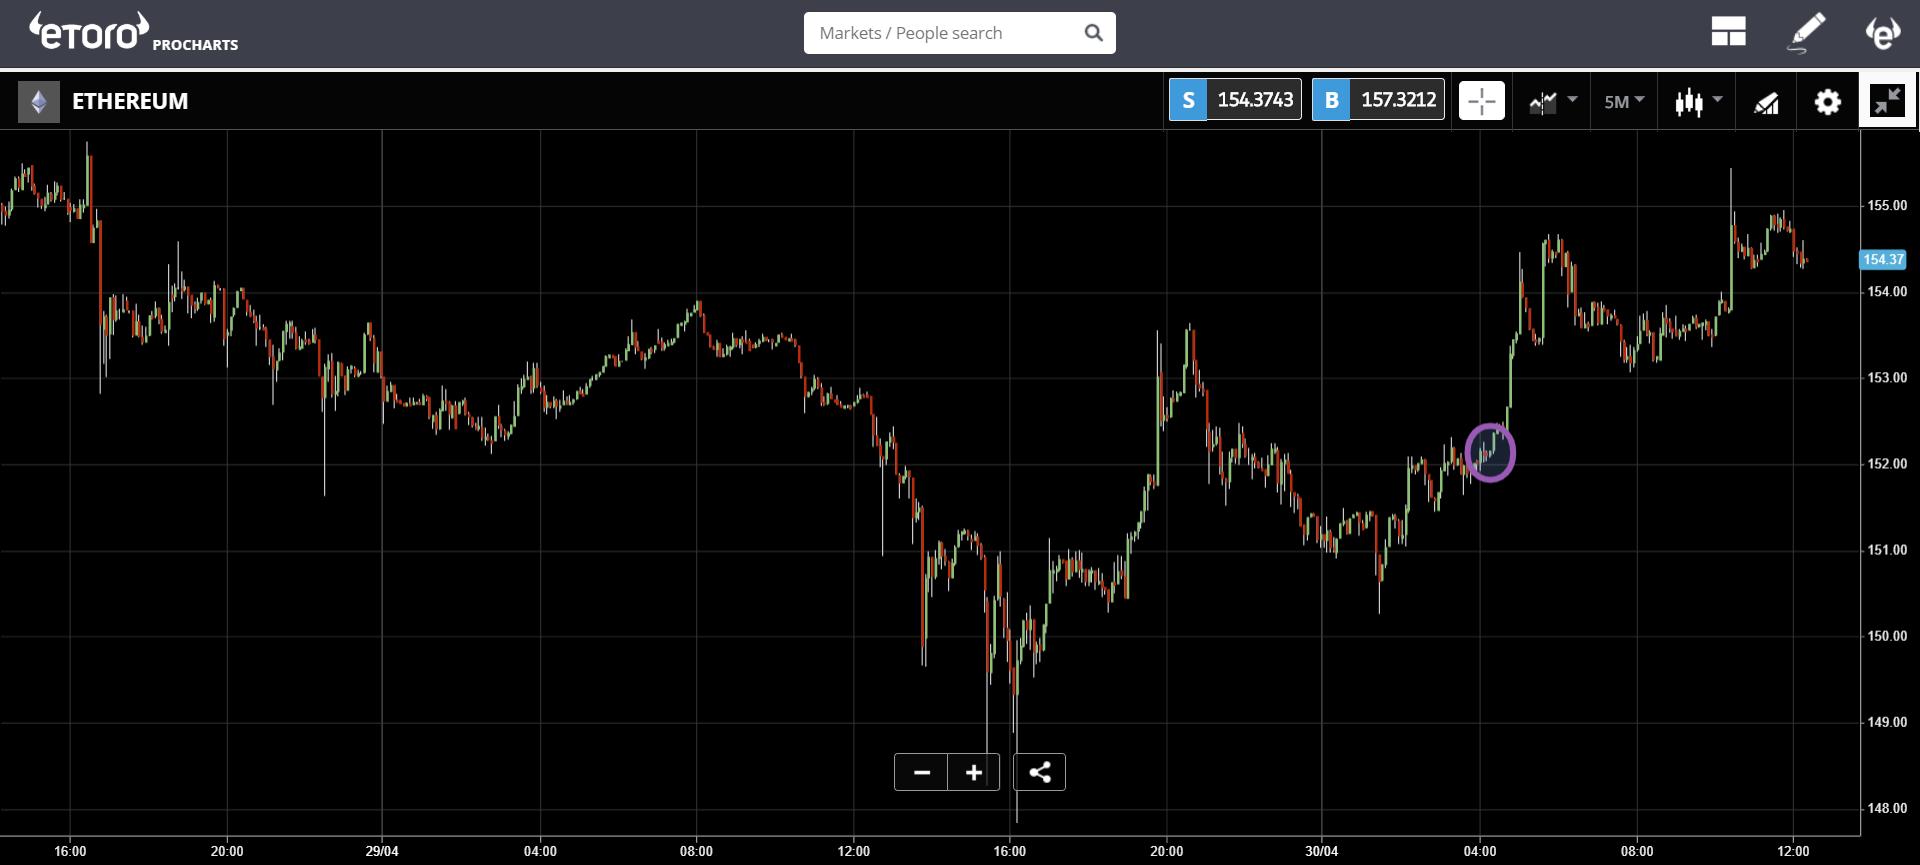 trade, share, crypto, market, bitcoin, ethereum, blockchain